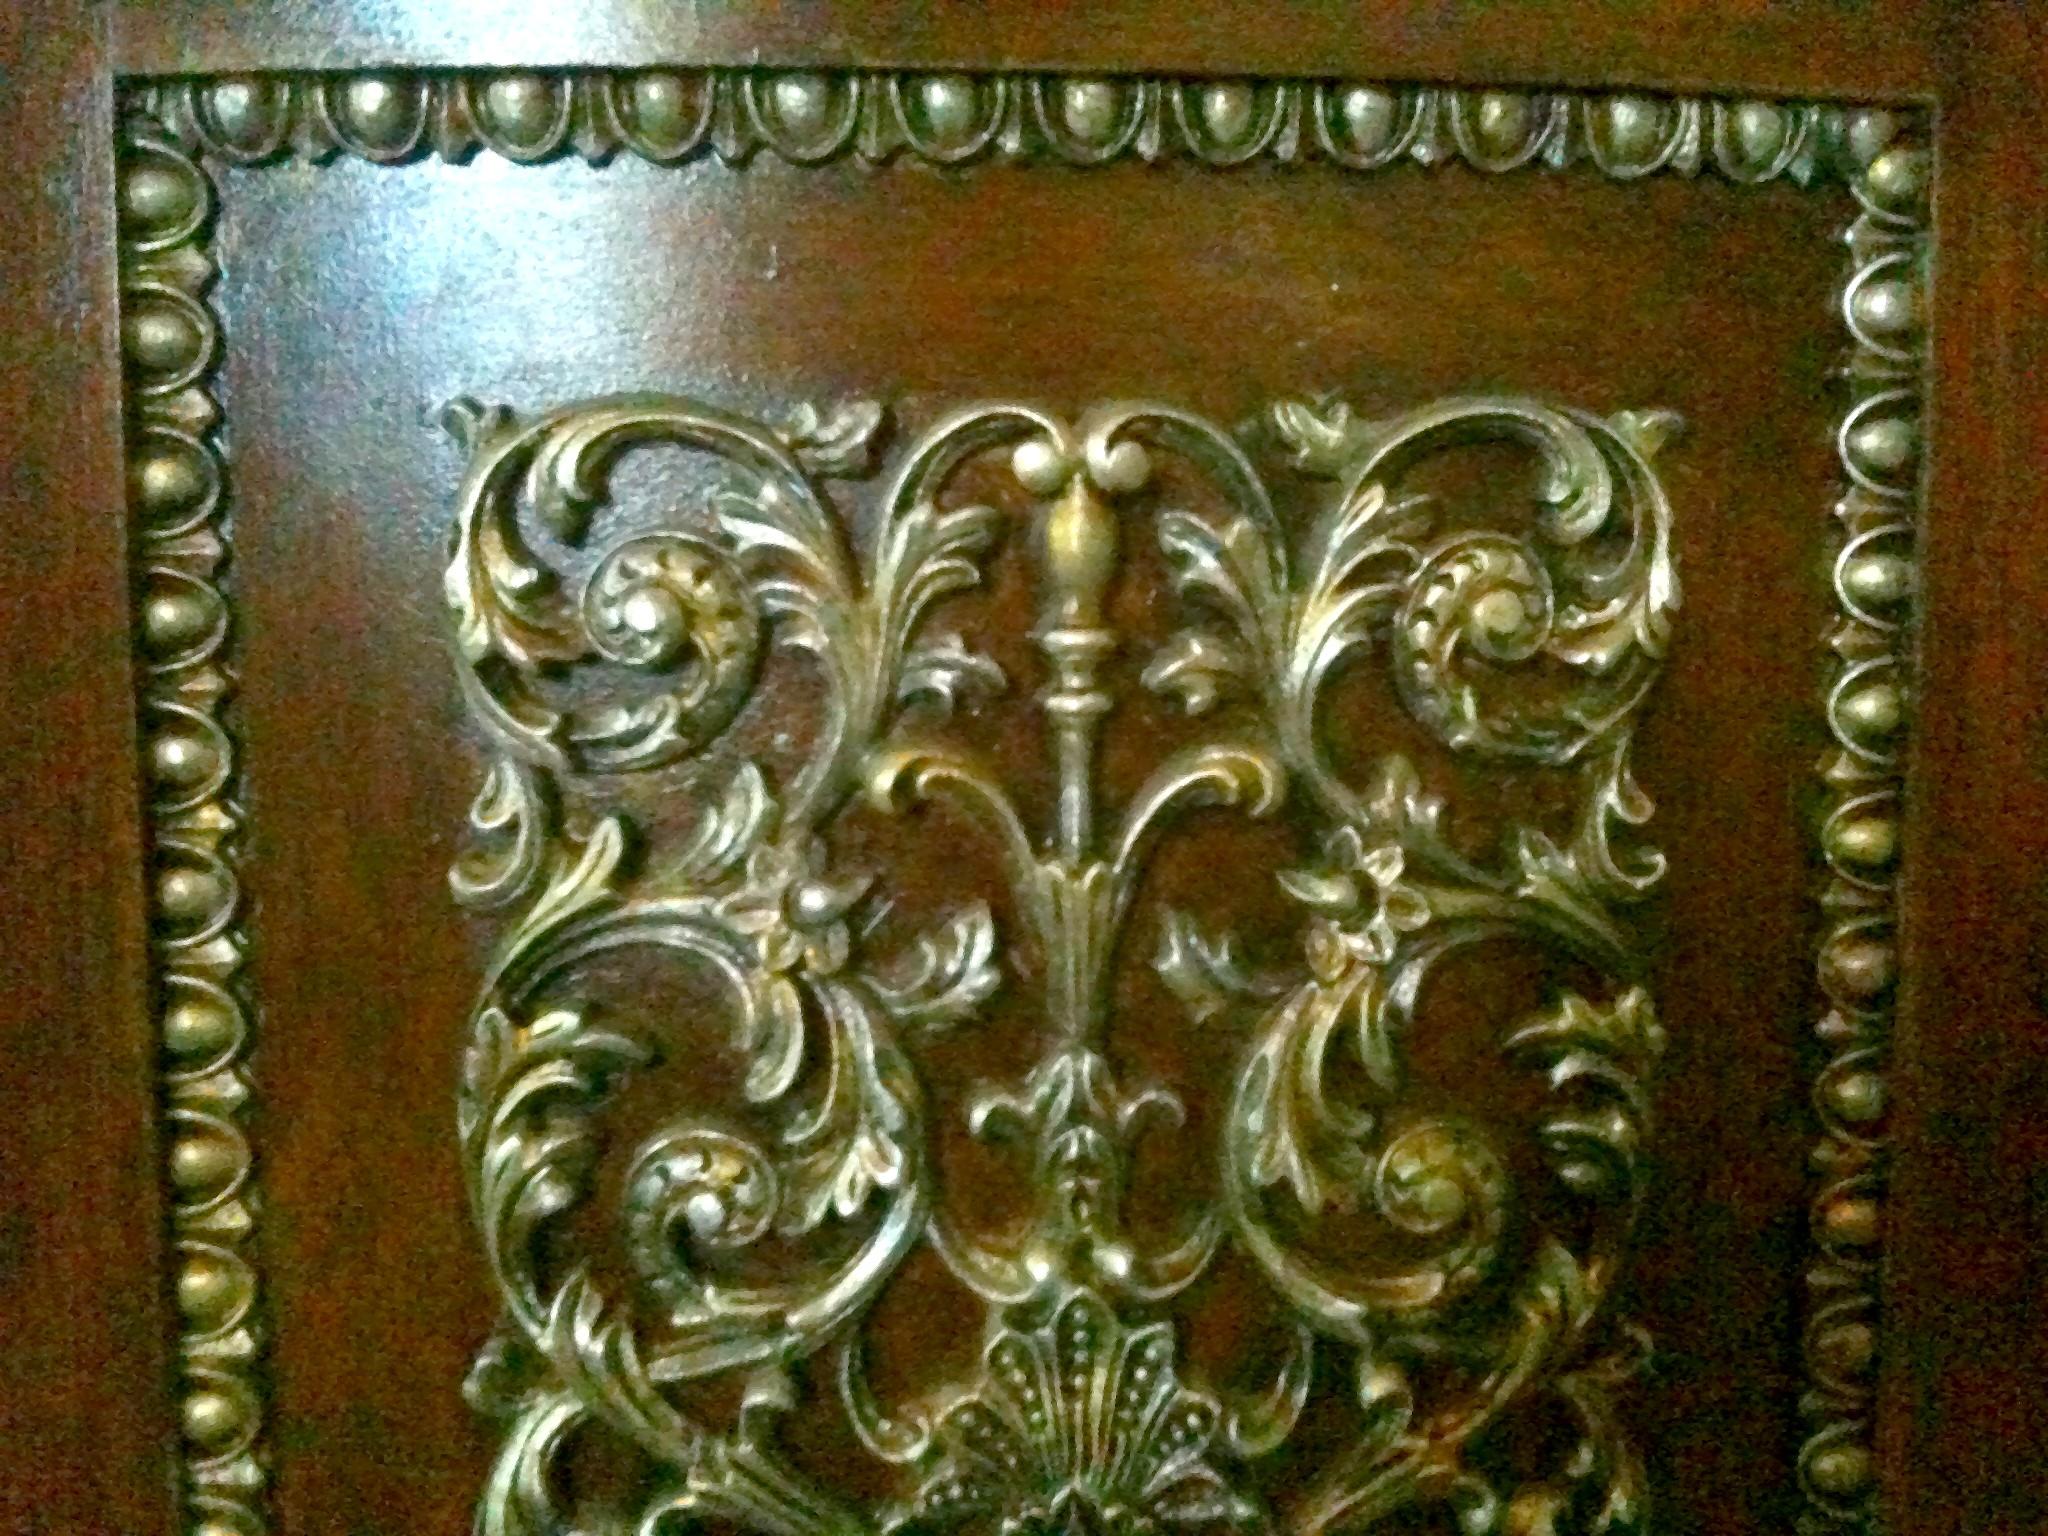 Cabinet door with embellishments.